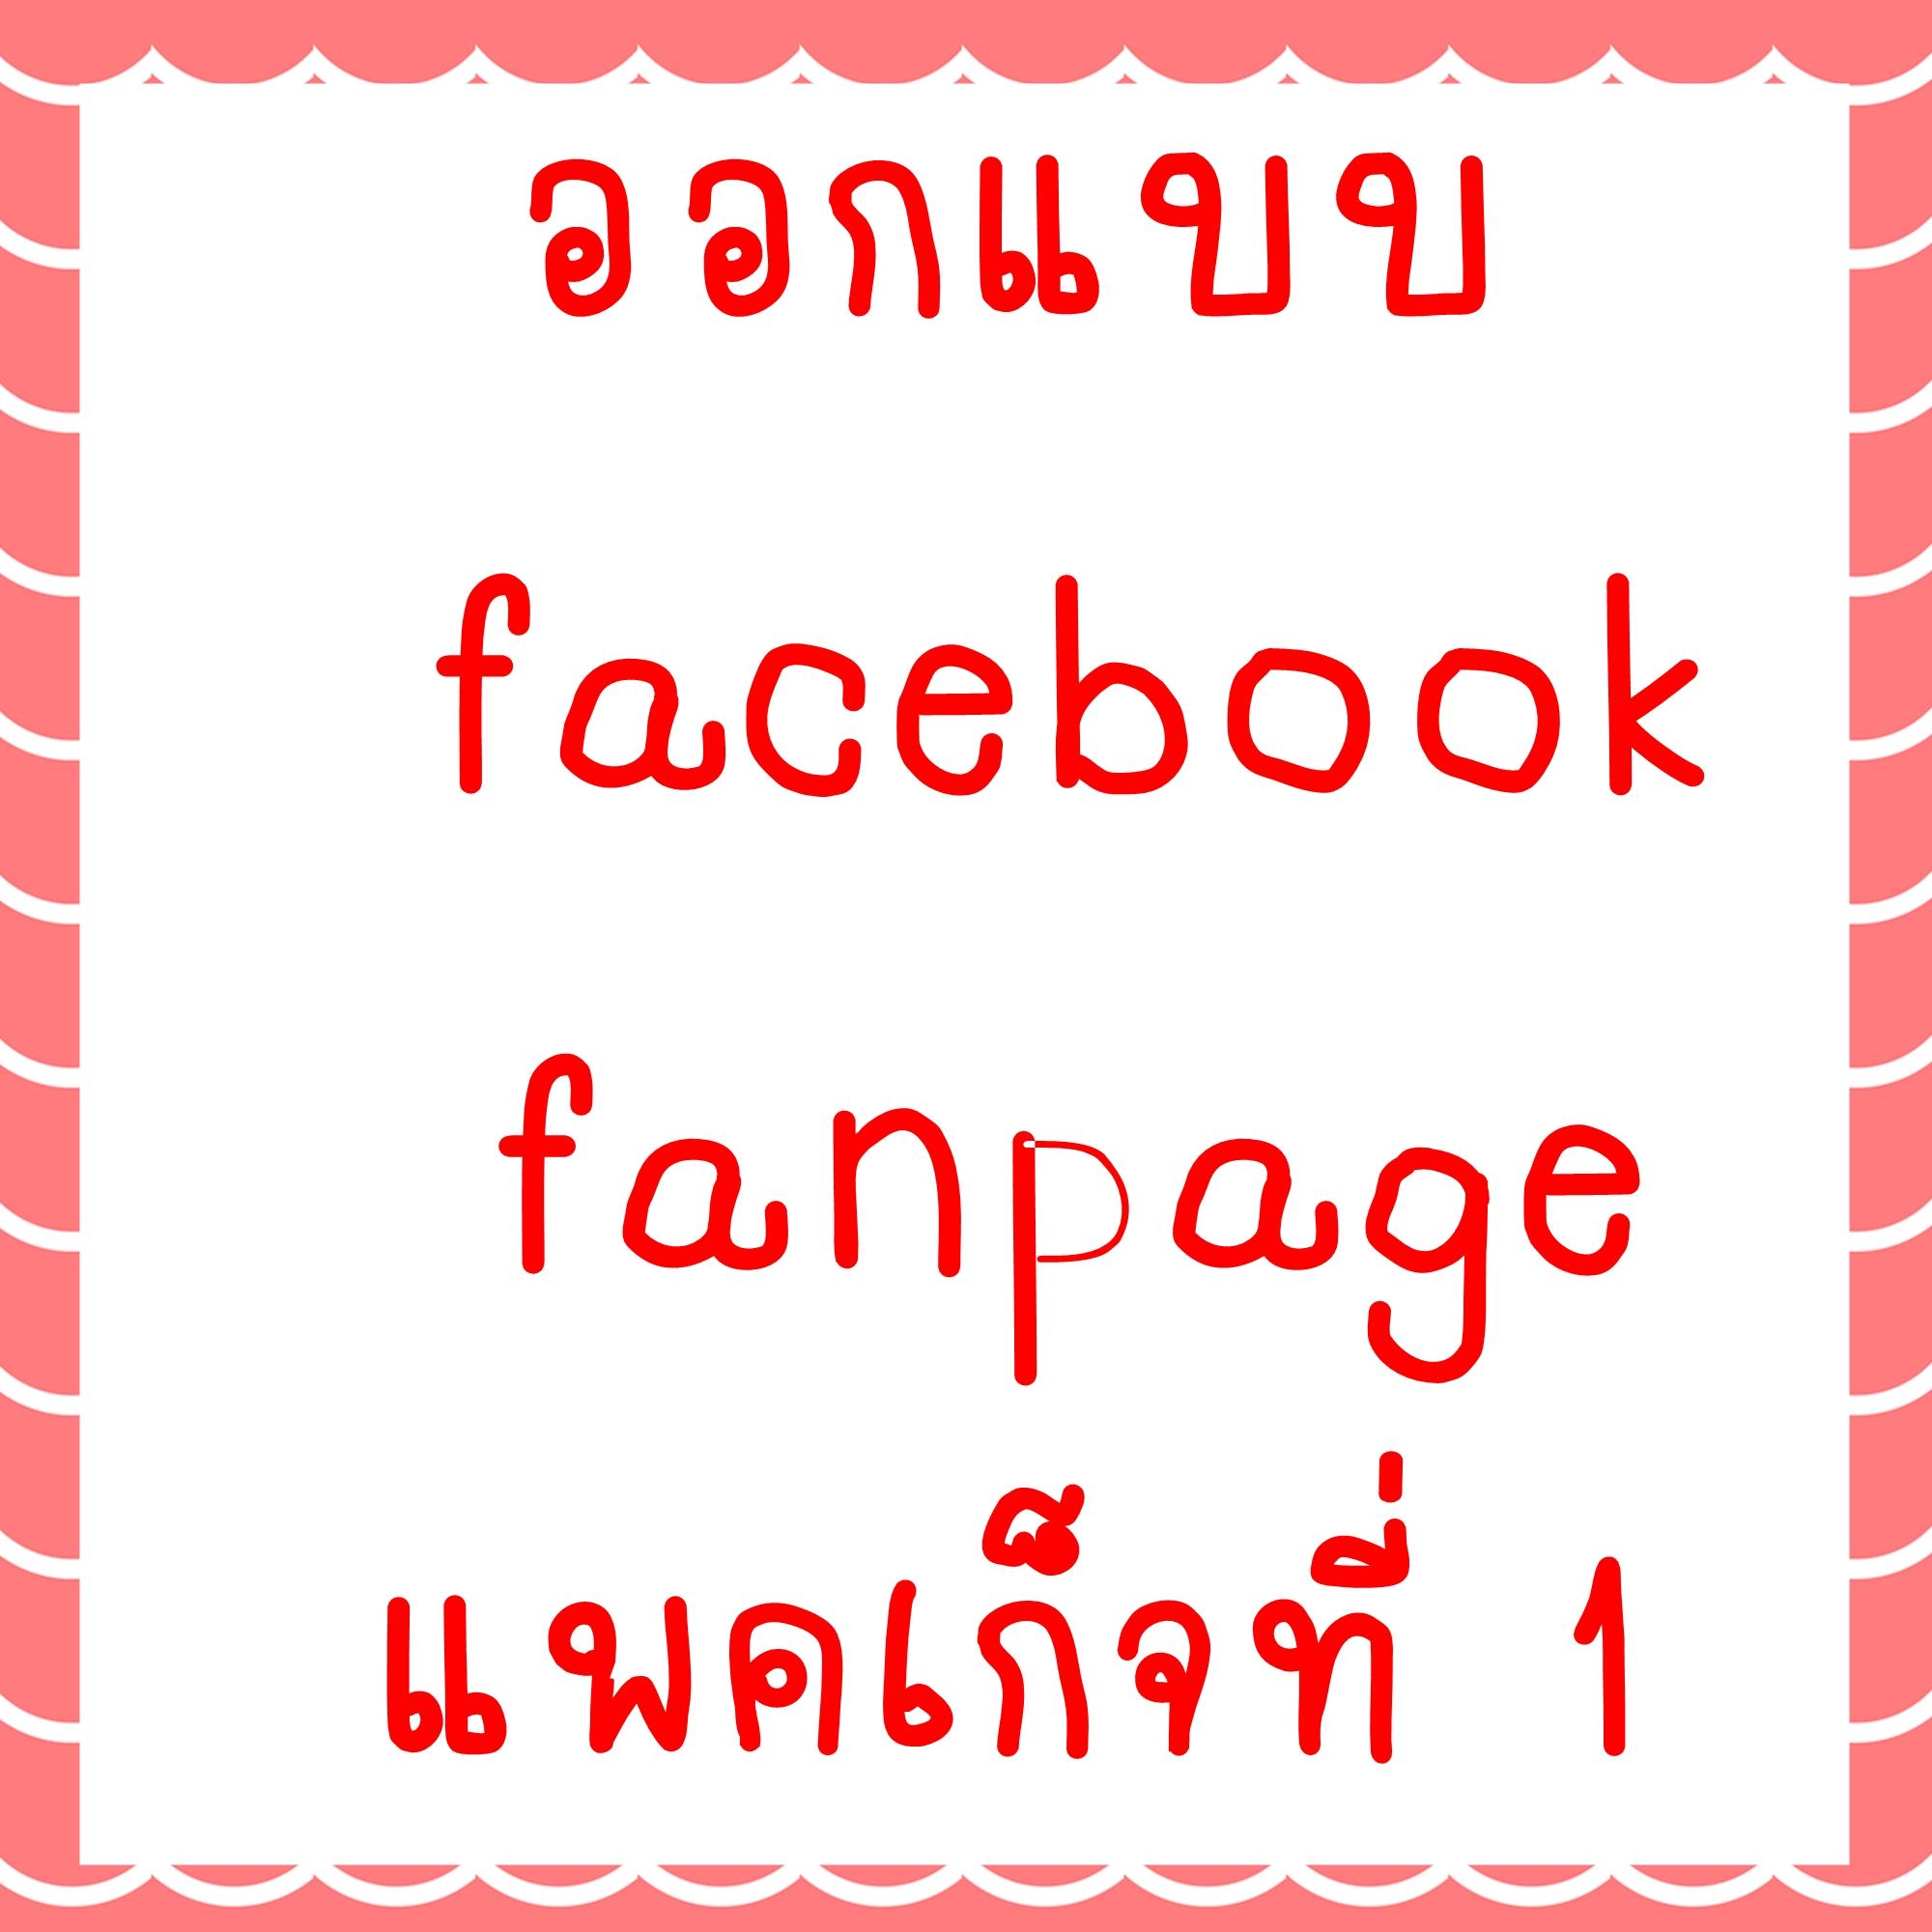 ตกแต่ง facebook fanpage แพคเก็จที่ 1